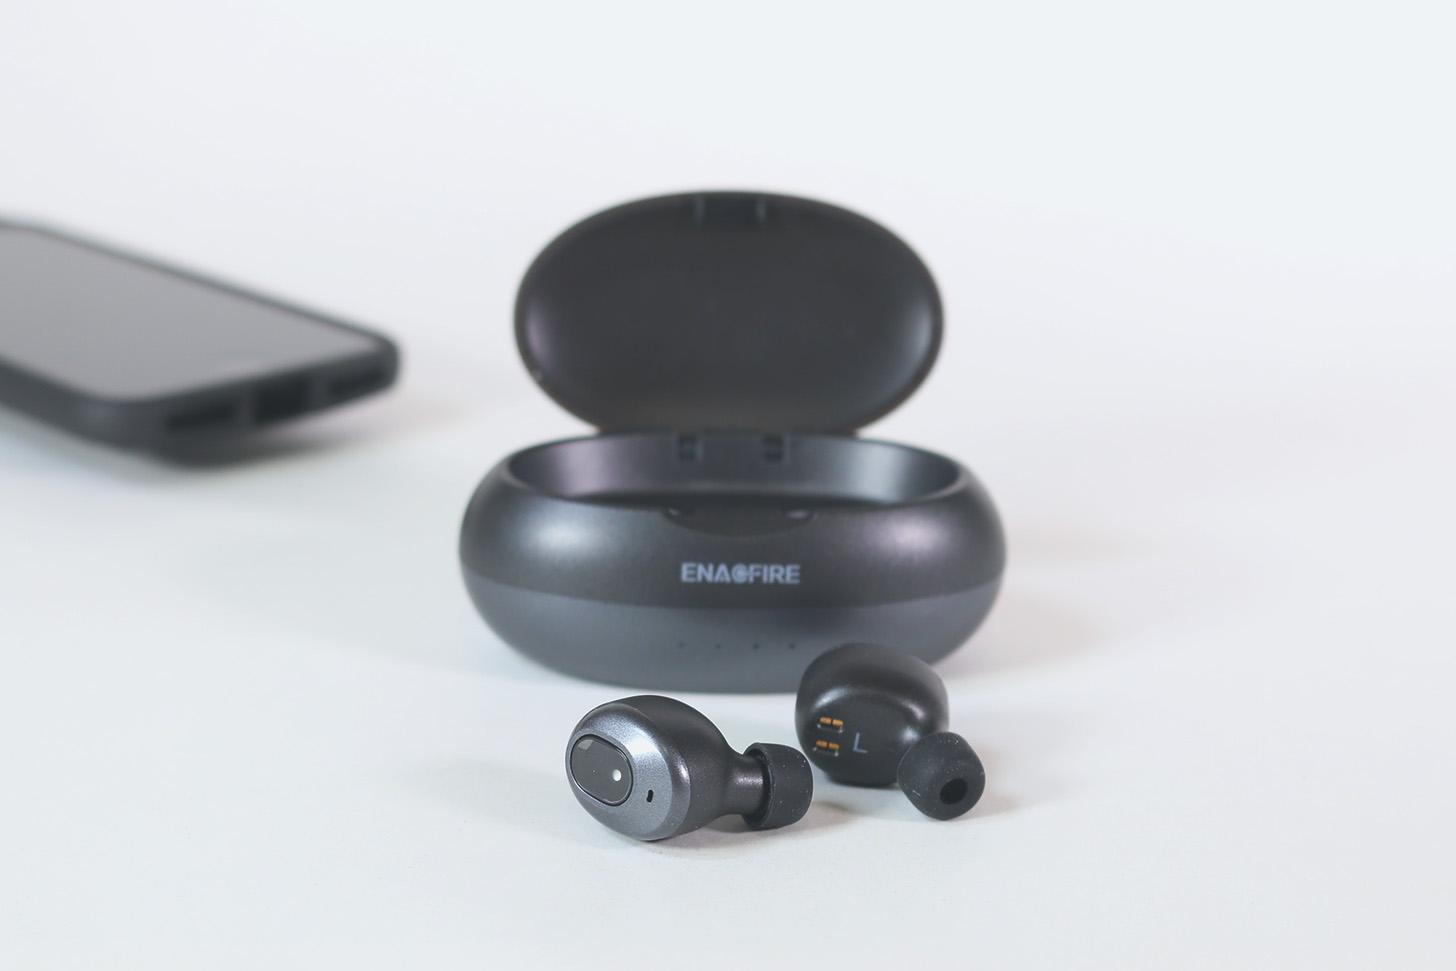 【レビュー】ケースから取り出せば自動で接続『EnacFire E19 完全ワイヤレスイヤホン Bluetooth5.0 (強化版)』